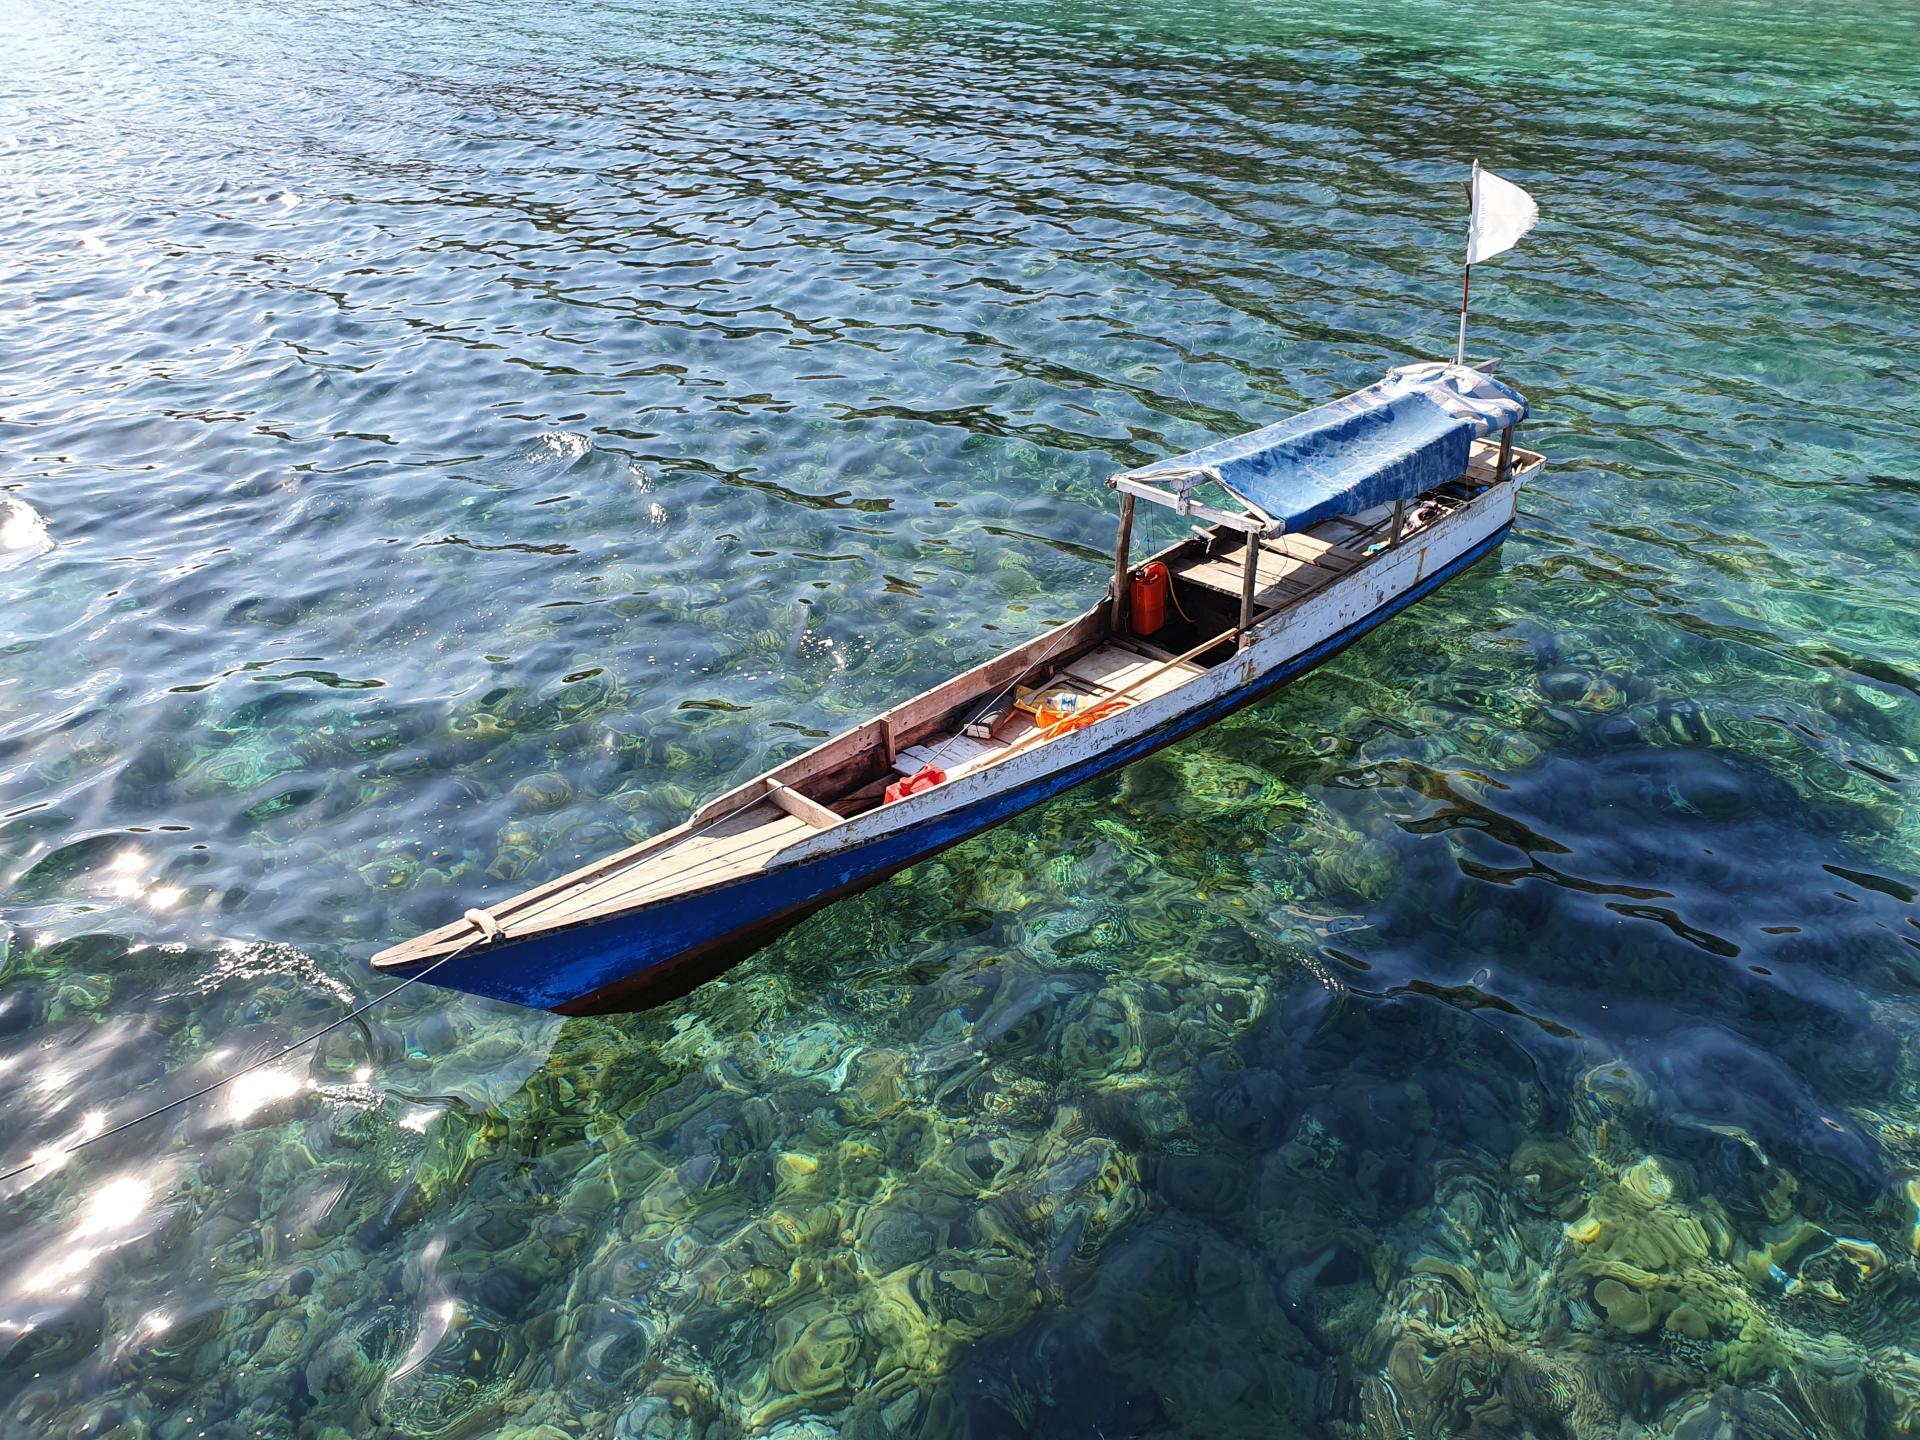 лодка парит в чистой воде